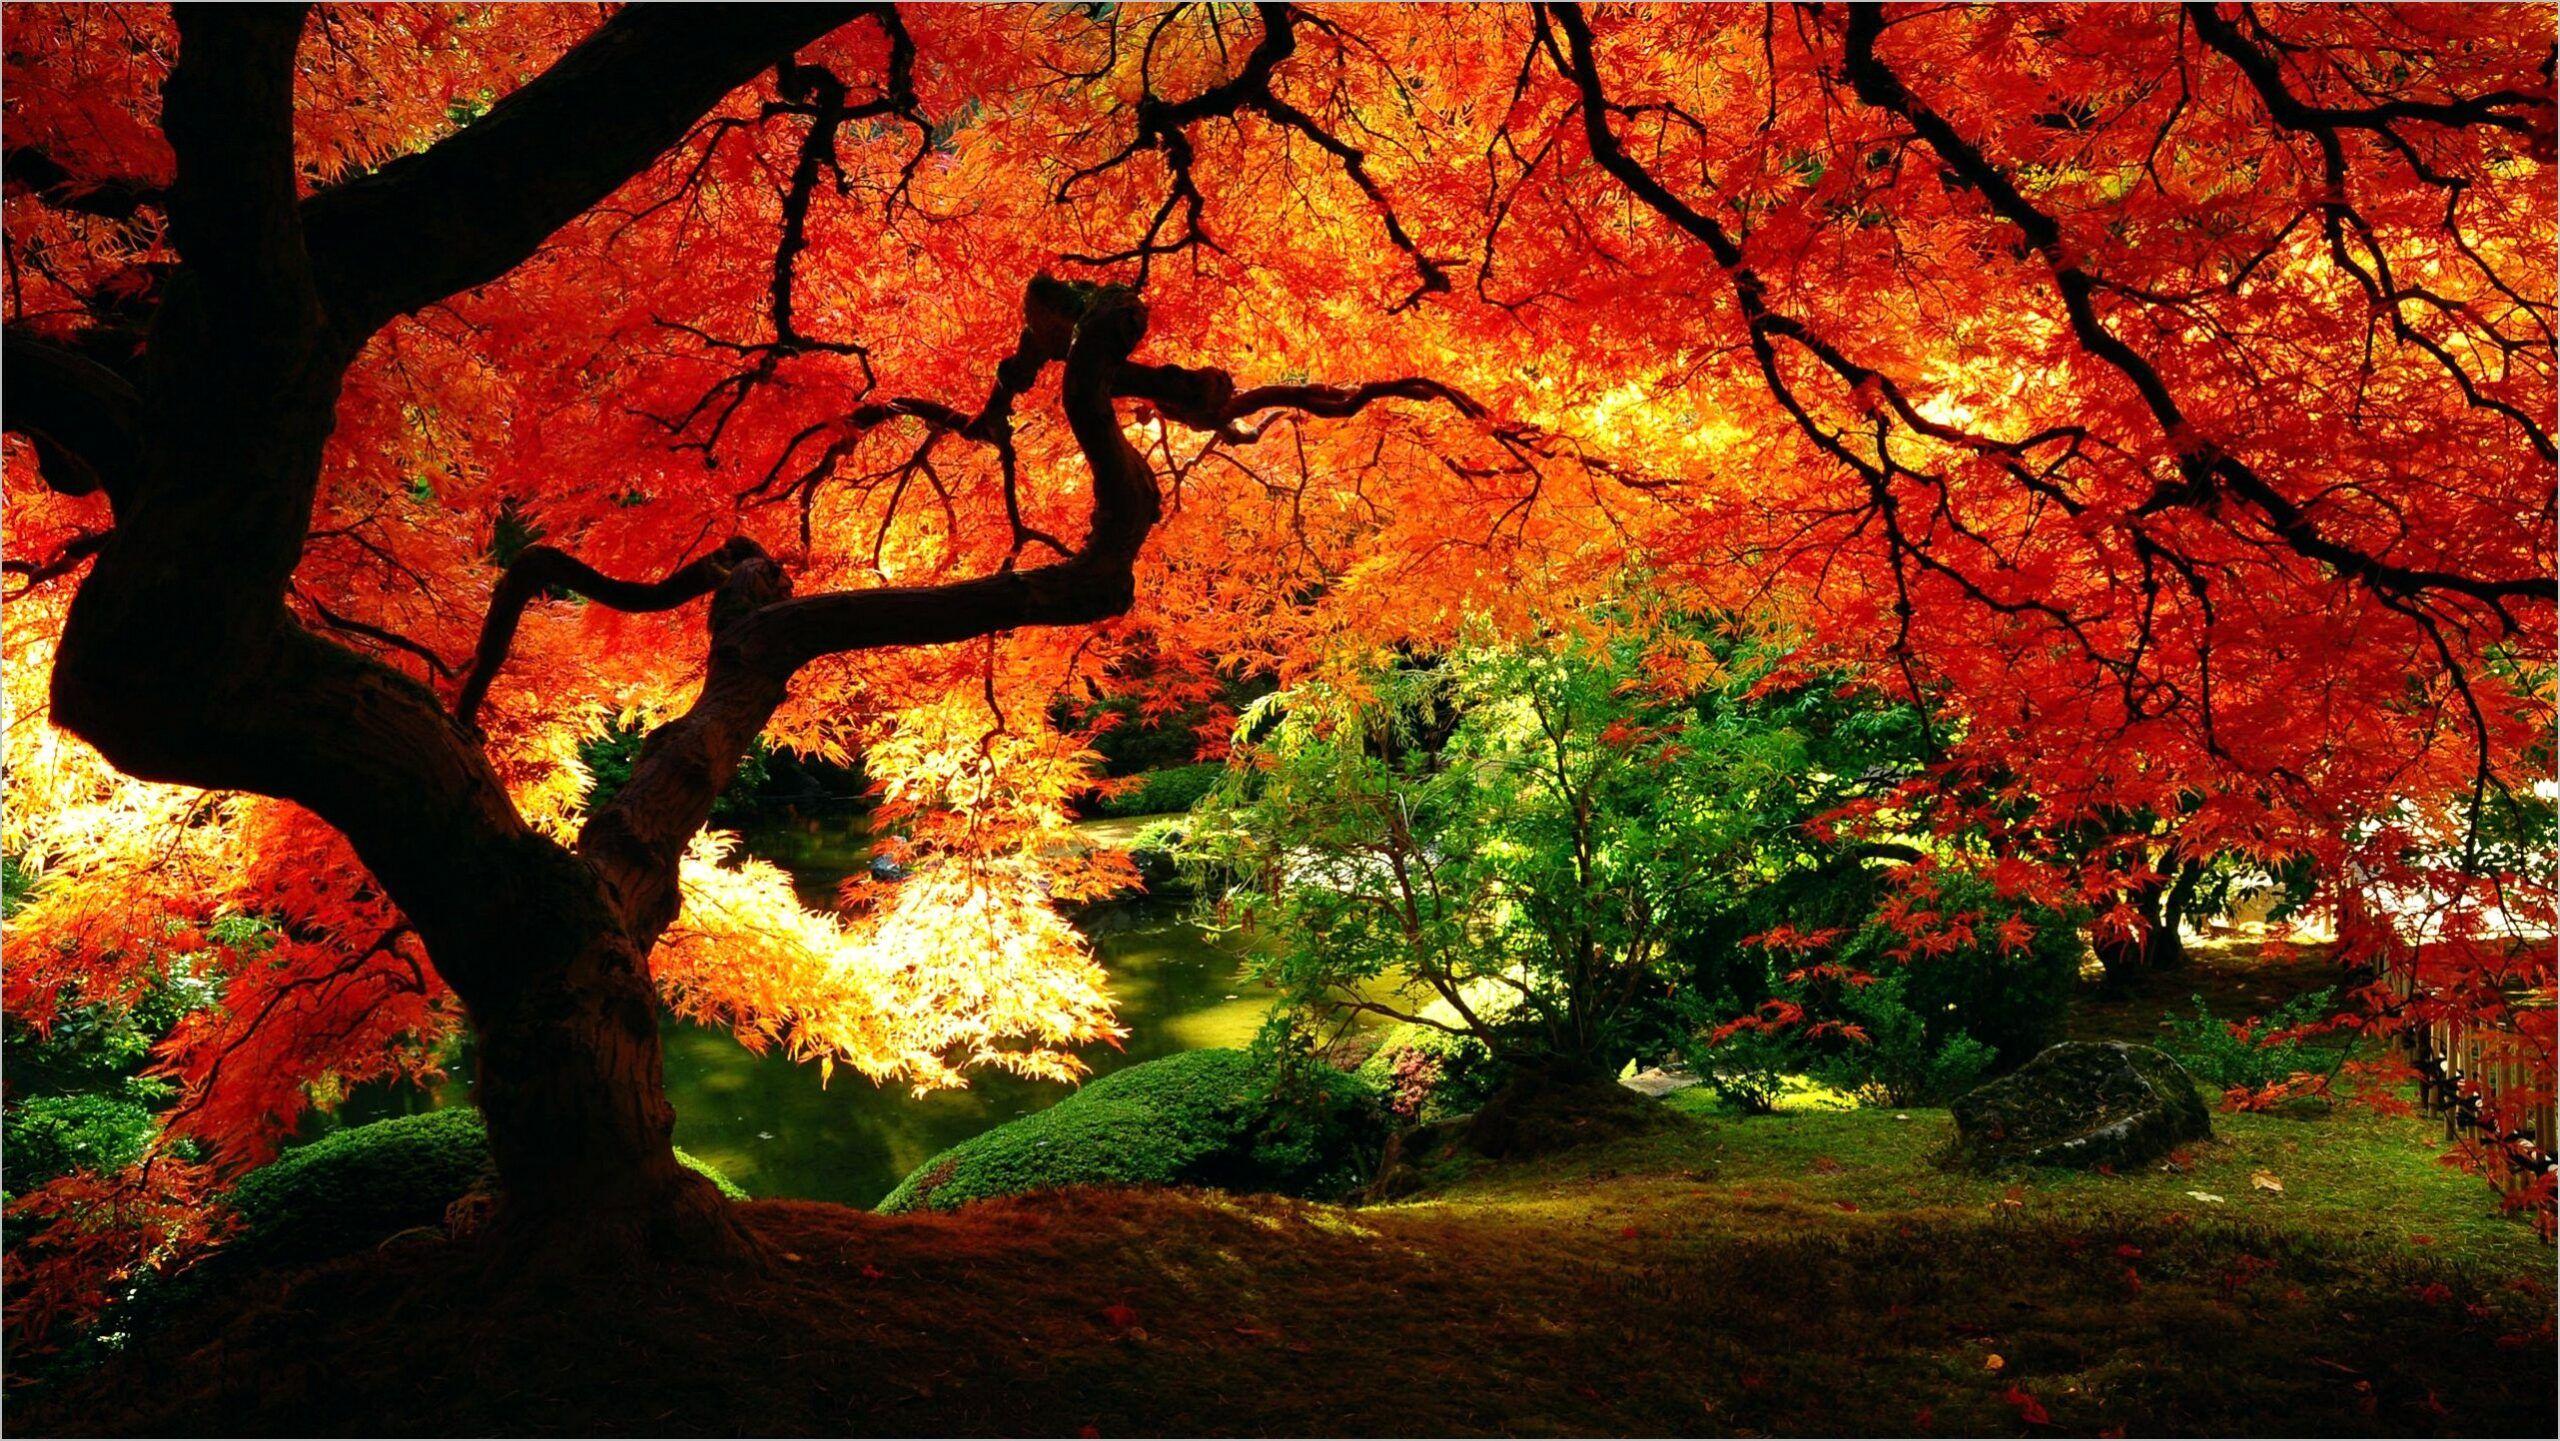 Peter Lik Wallpaper 4k In 2020 Landscape Wallpaper Scenery Wallpaper Autumn Landscape